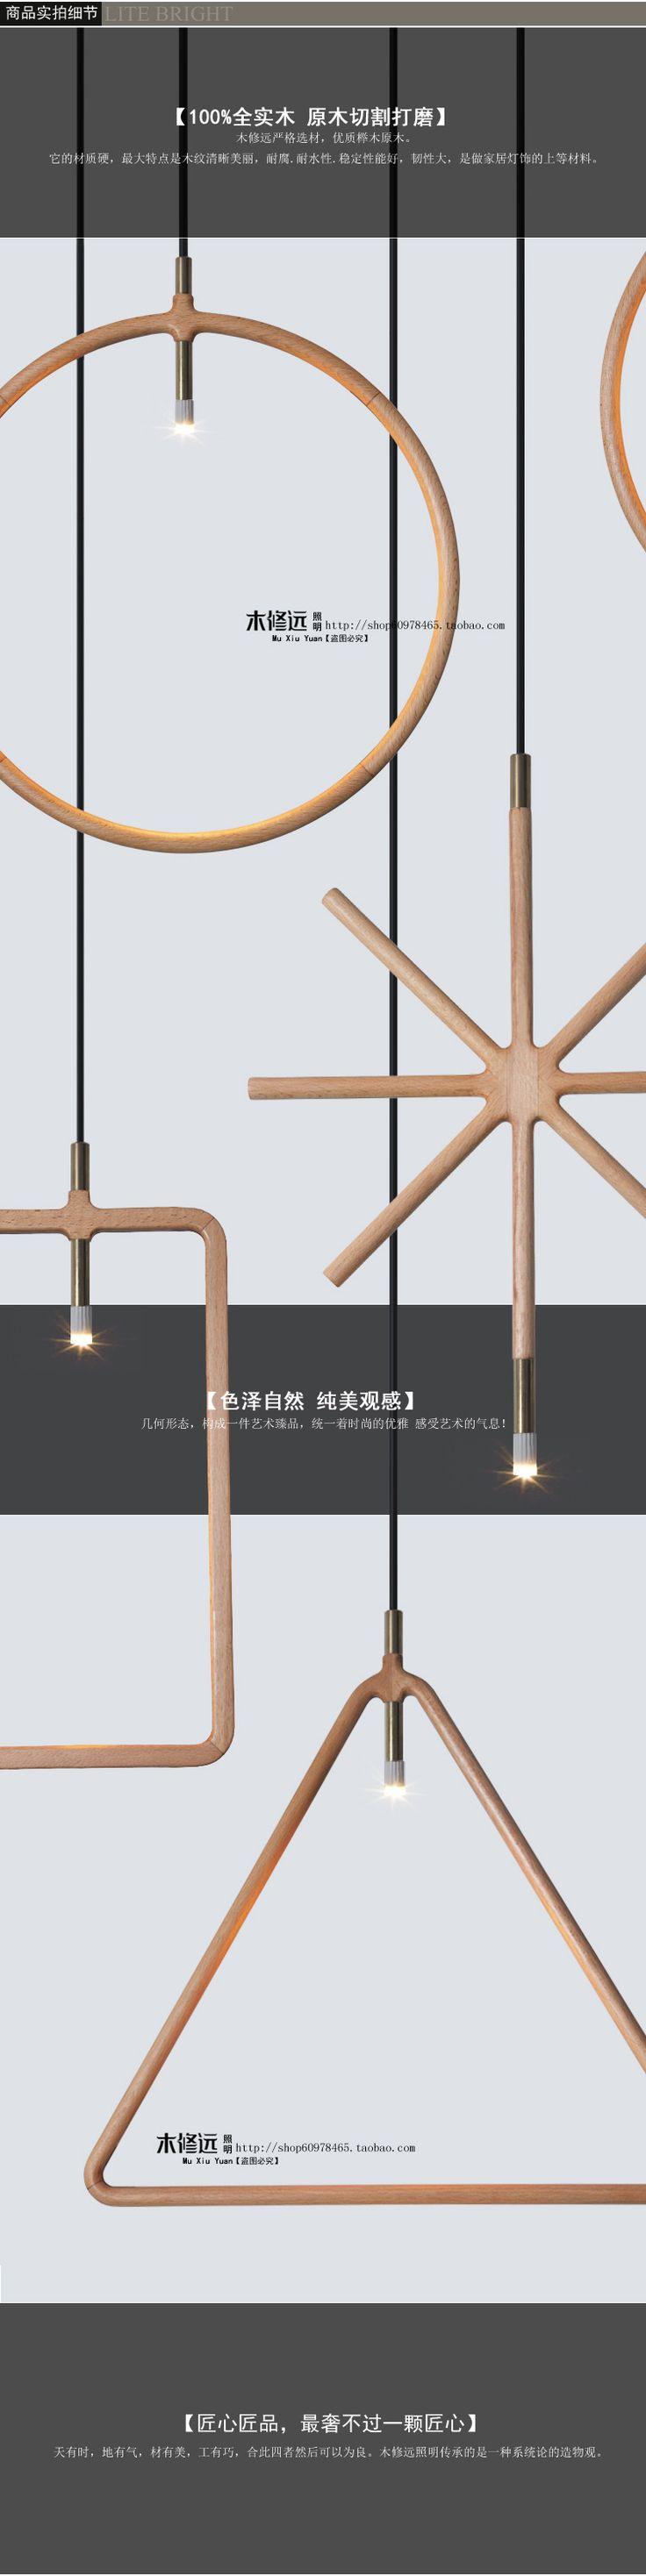 [Legno e di gran lunga - geometria] Creative Arts di design di apparecchi di illuminazione minimalista nuovo lampadario ristorante cinese fatta di legno - Taobao